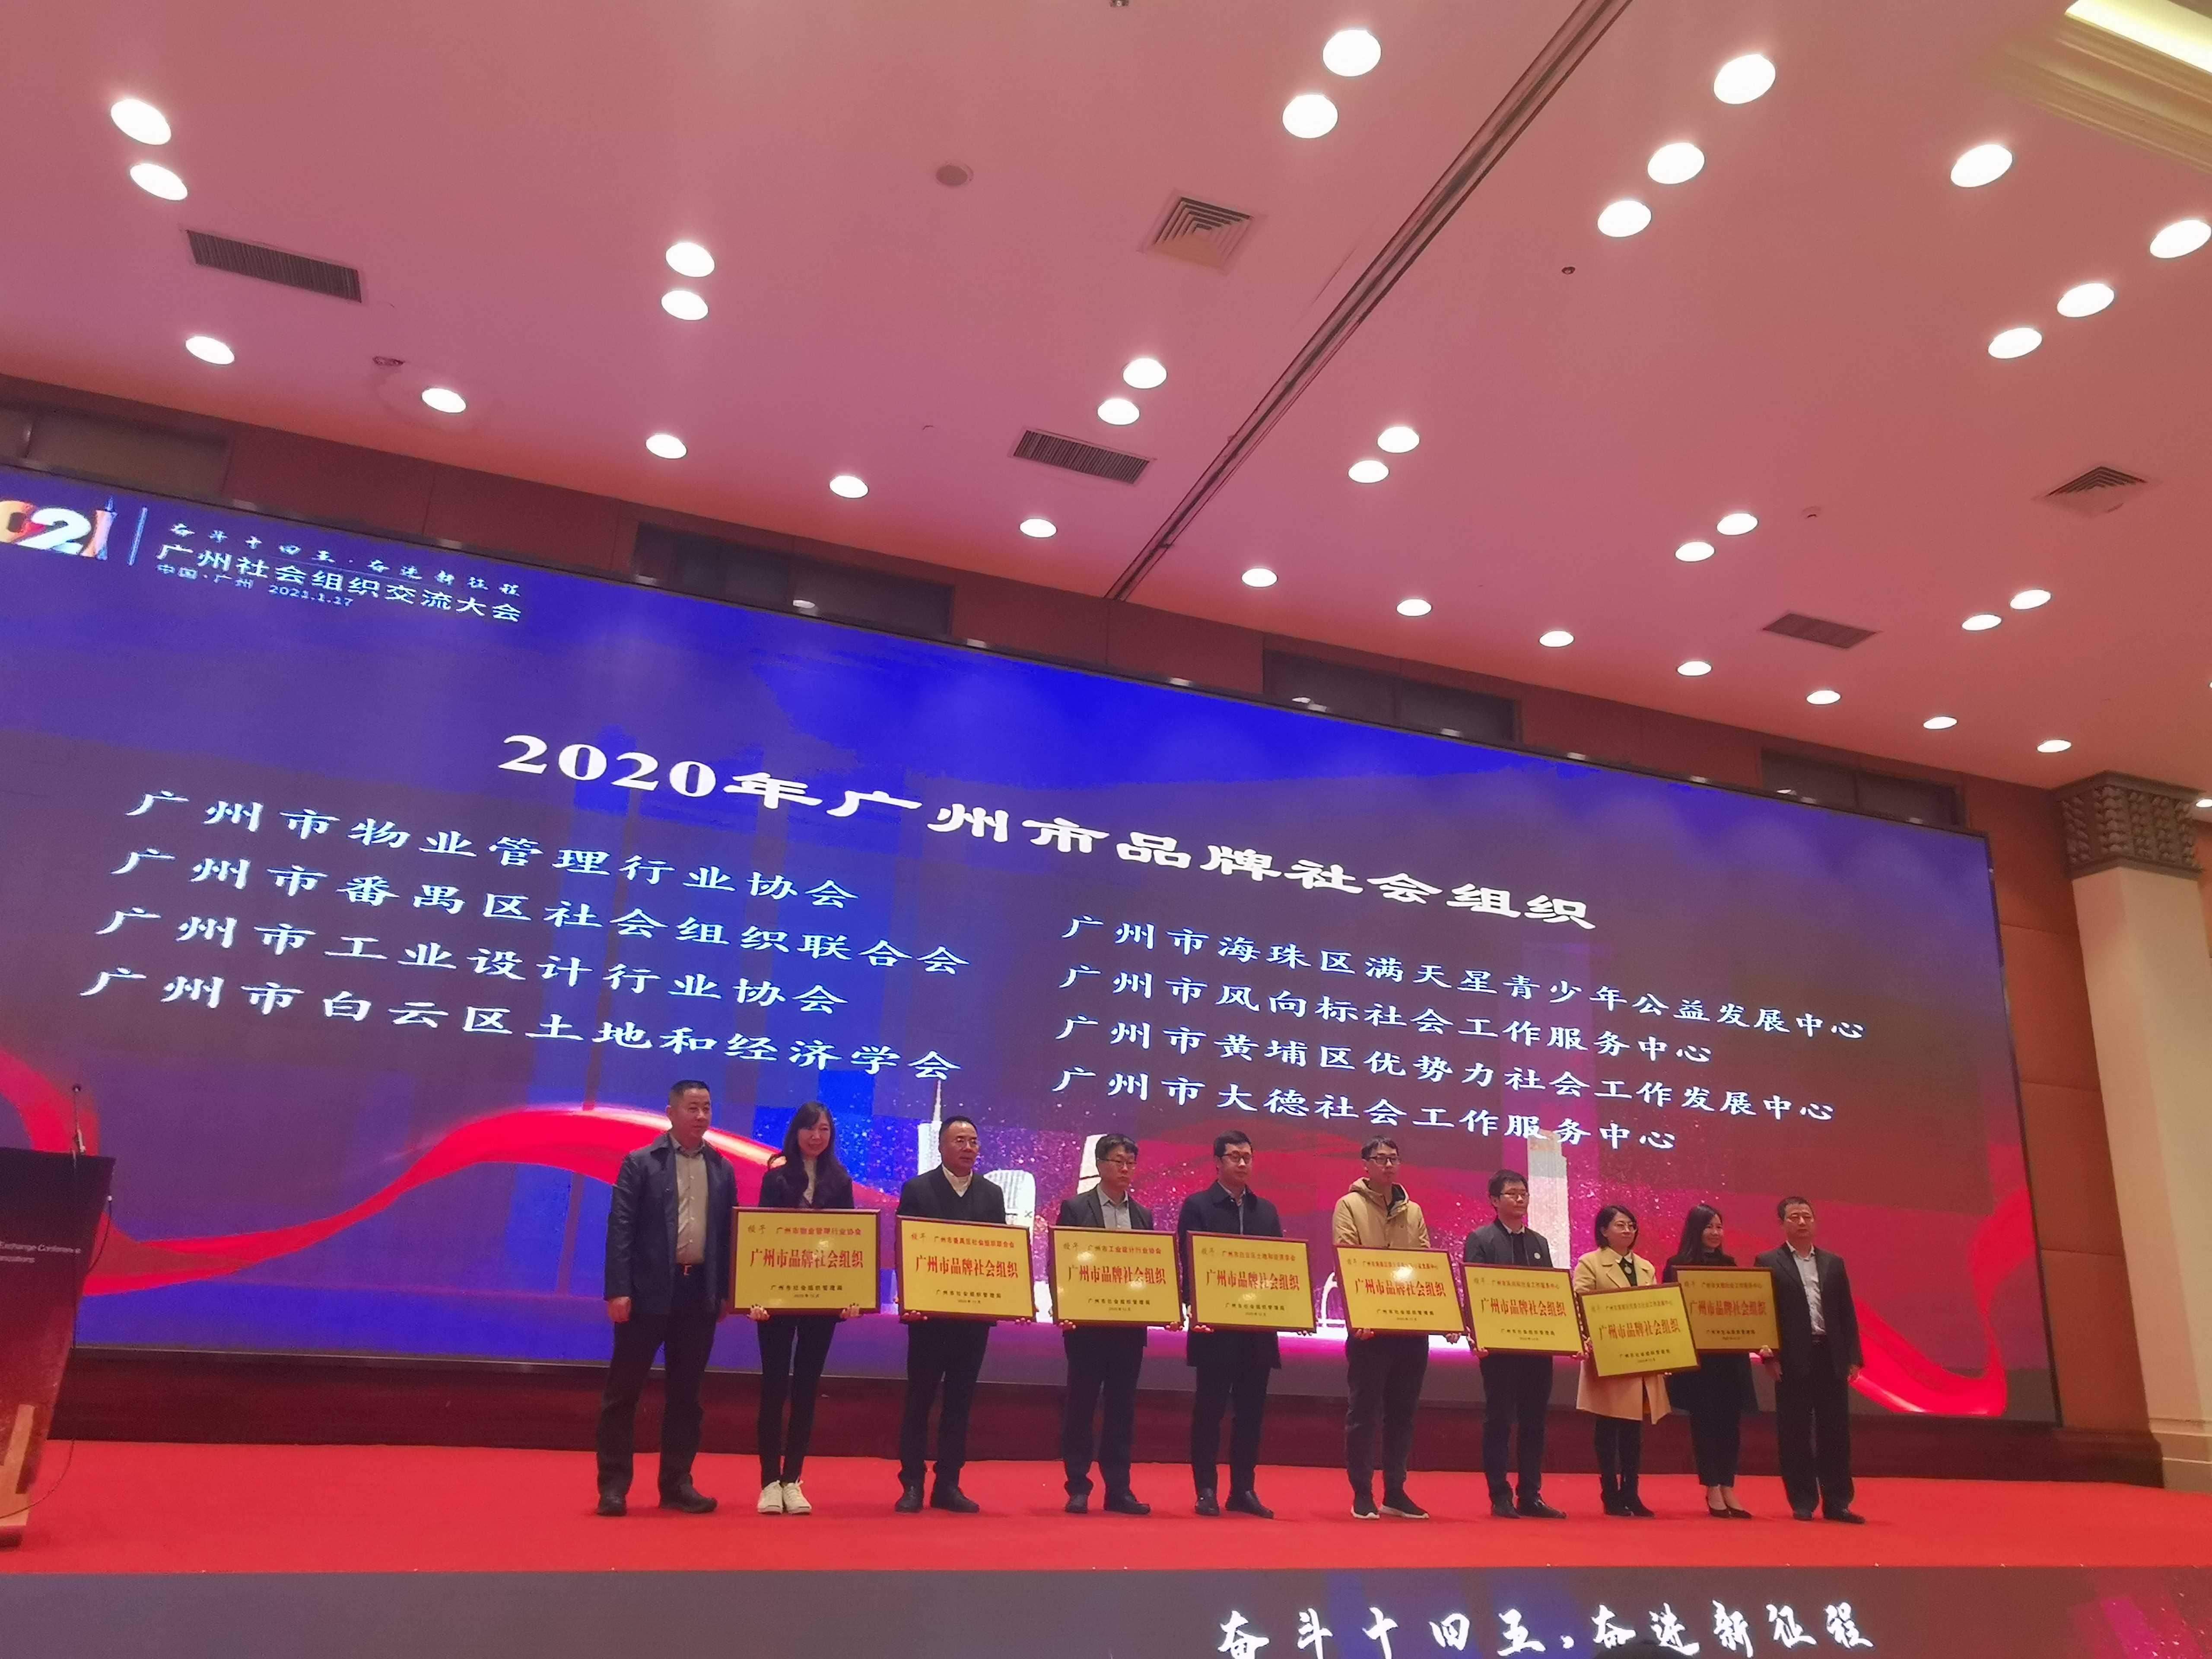 广州物协荣获广州市品牌社会组织称号